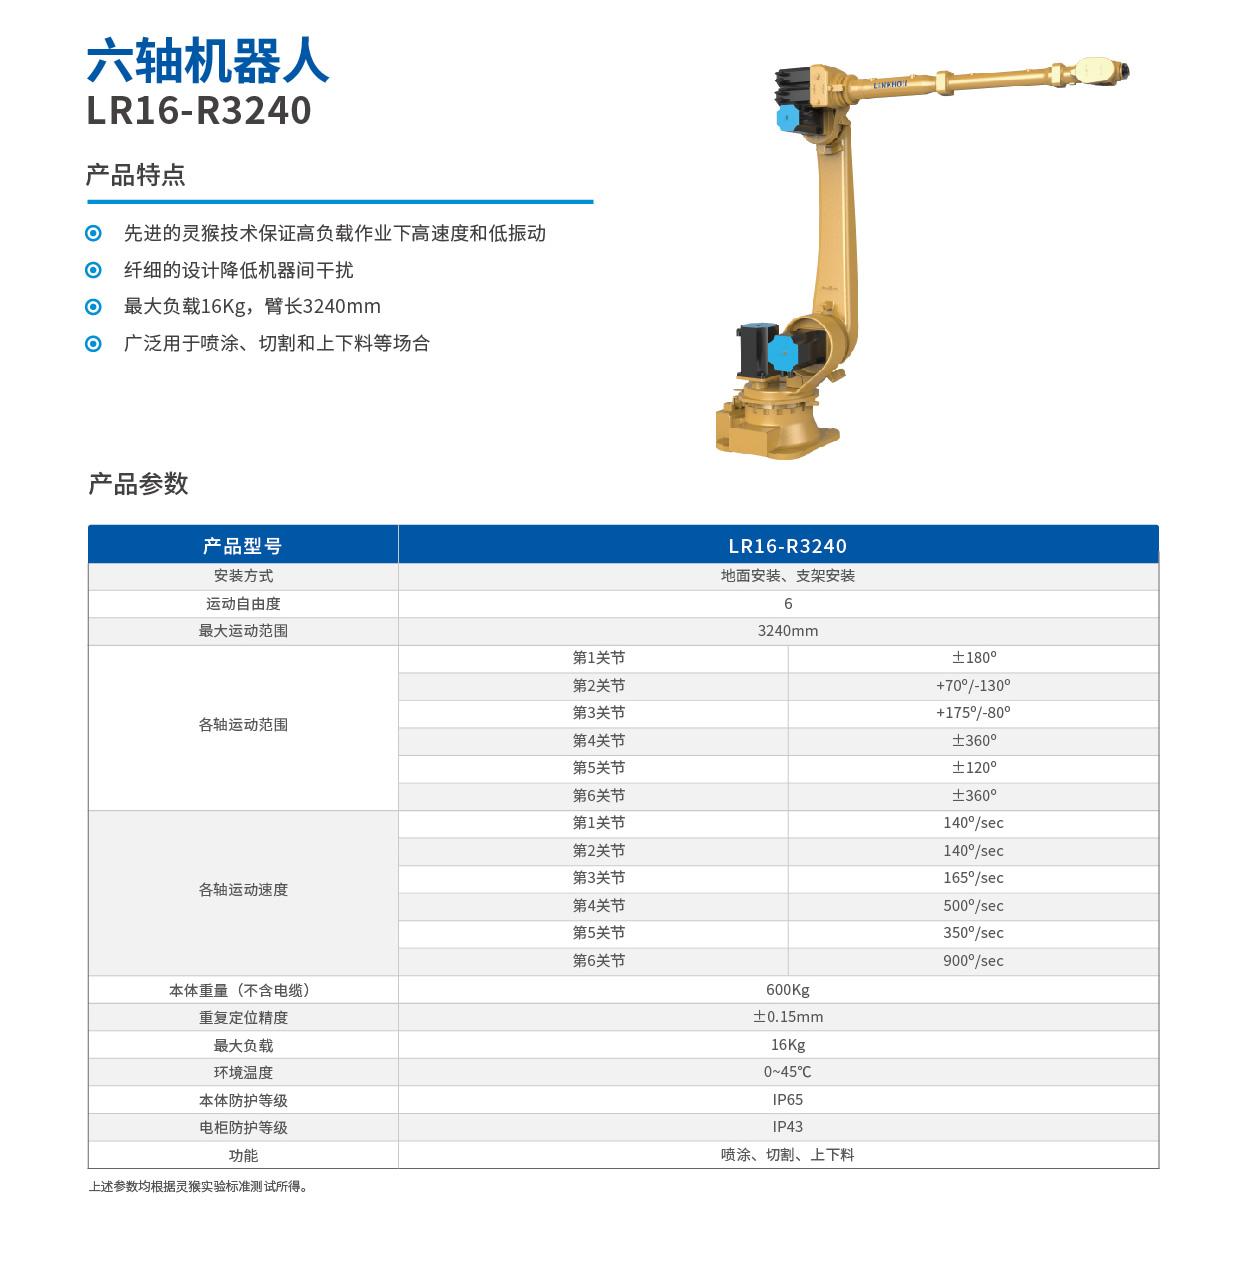 靈猴 LR16-R3240 六軸機器人